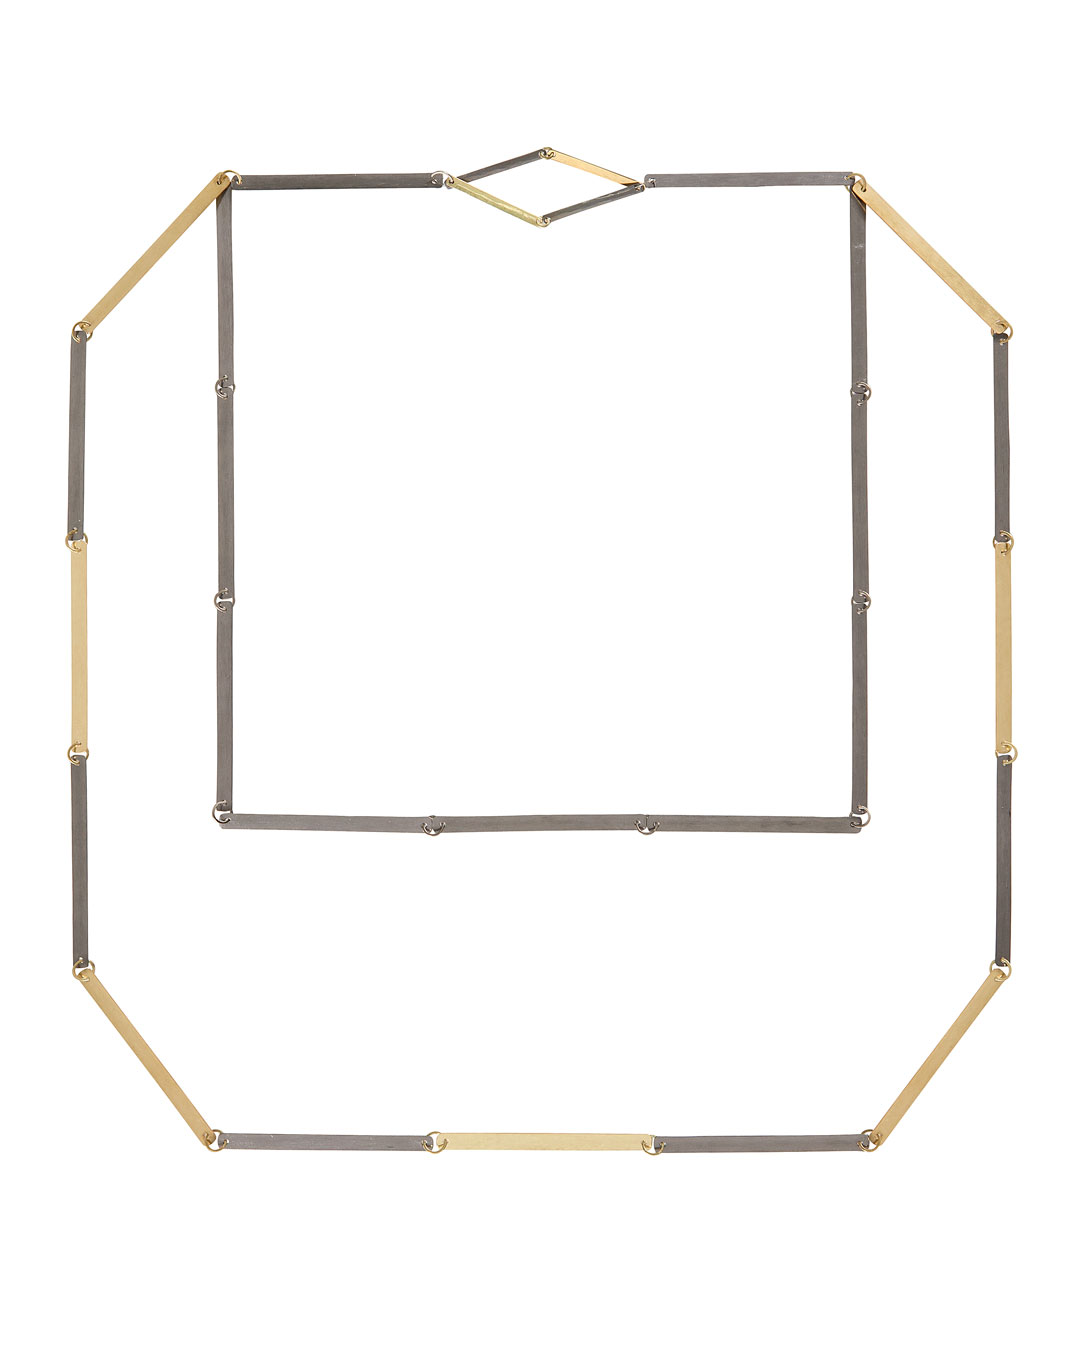 Annelies Planteijdt, Mooie stad – Collier en tegels, 2017, halssieraad; goud, tantalium, 300 x 270 mm, €7450 (afbeelding 1/3)